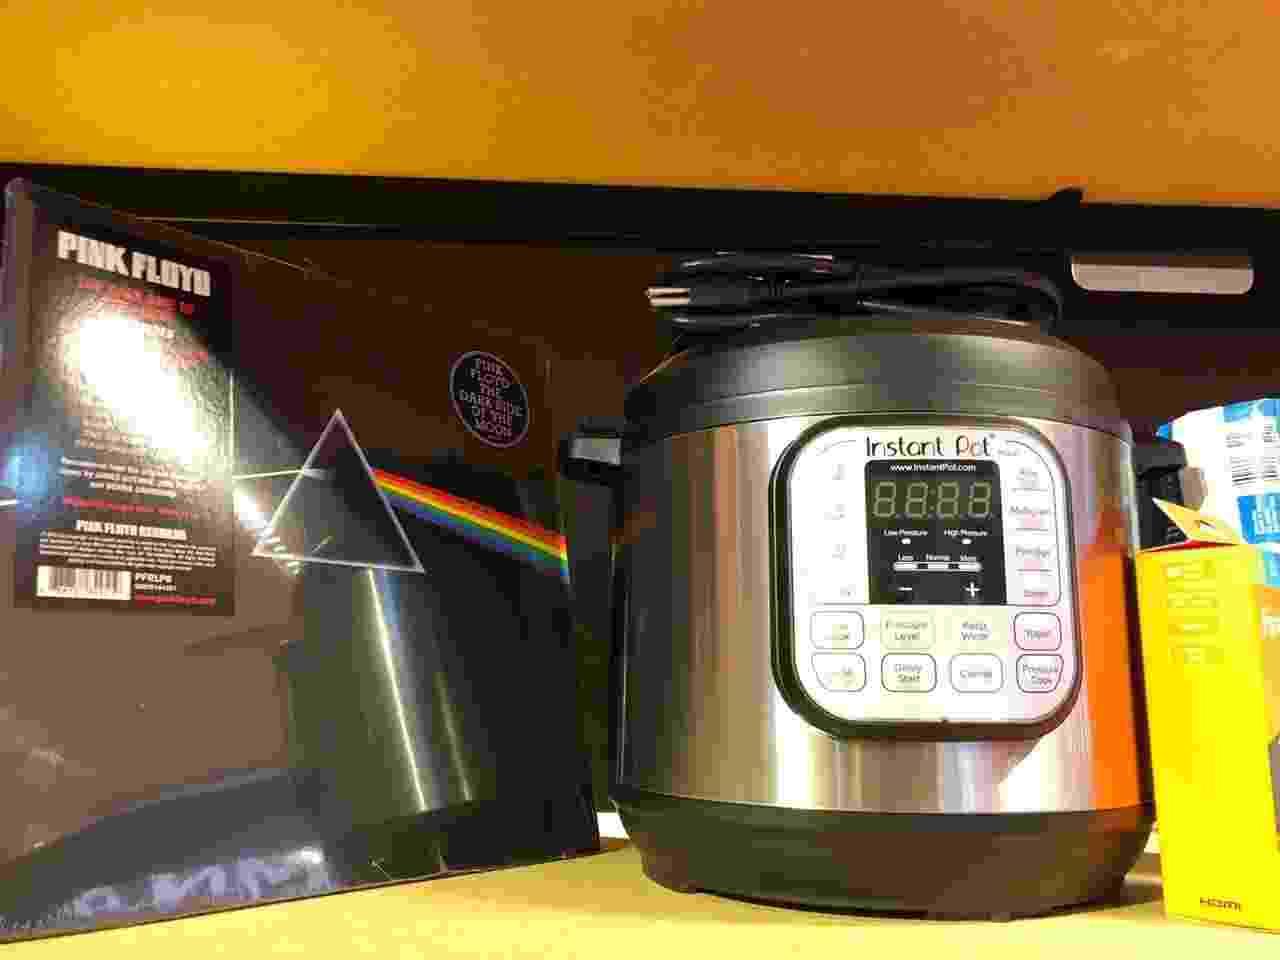 Instant Pot é um dos produtos à venda na Amazon Brasil no final de 2019 - Marcella Duarte/UOL